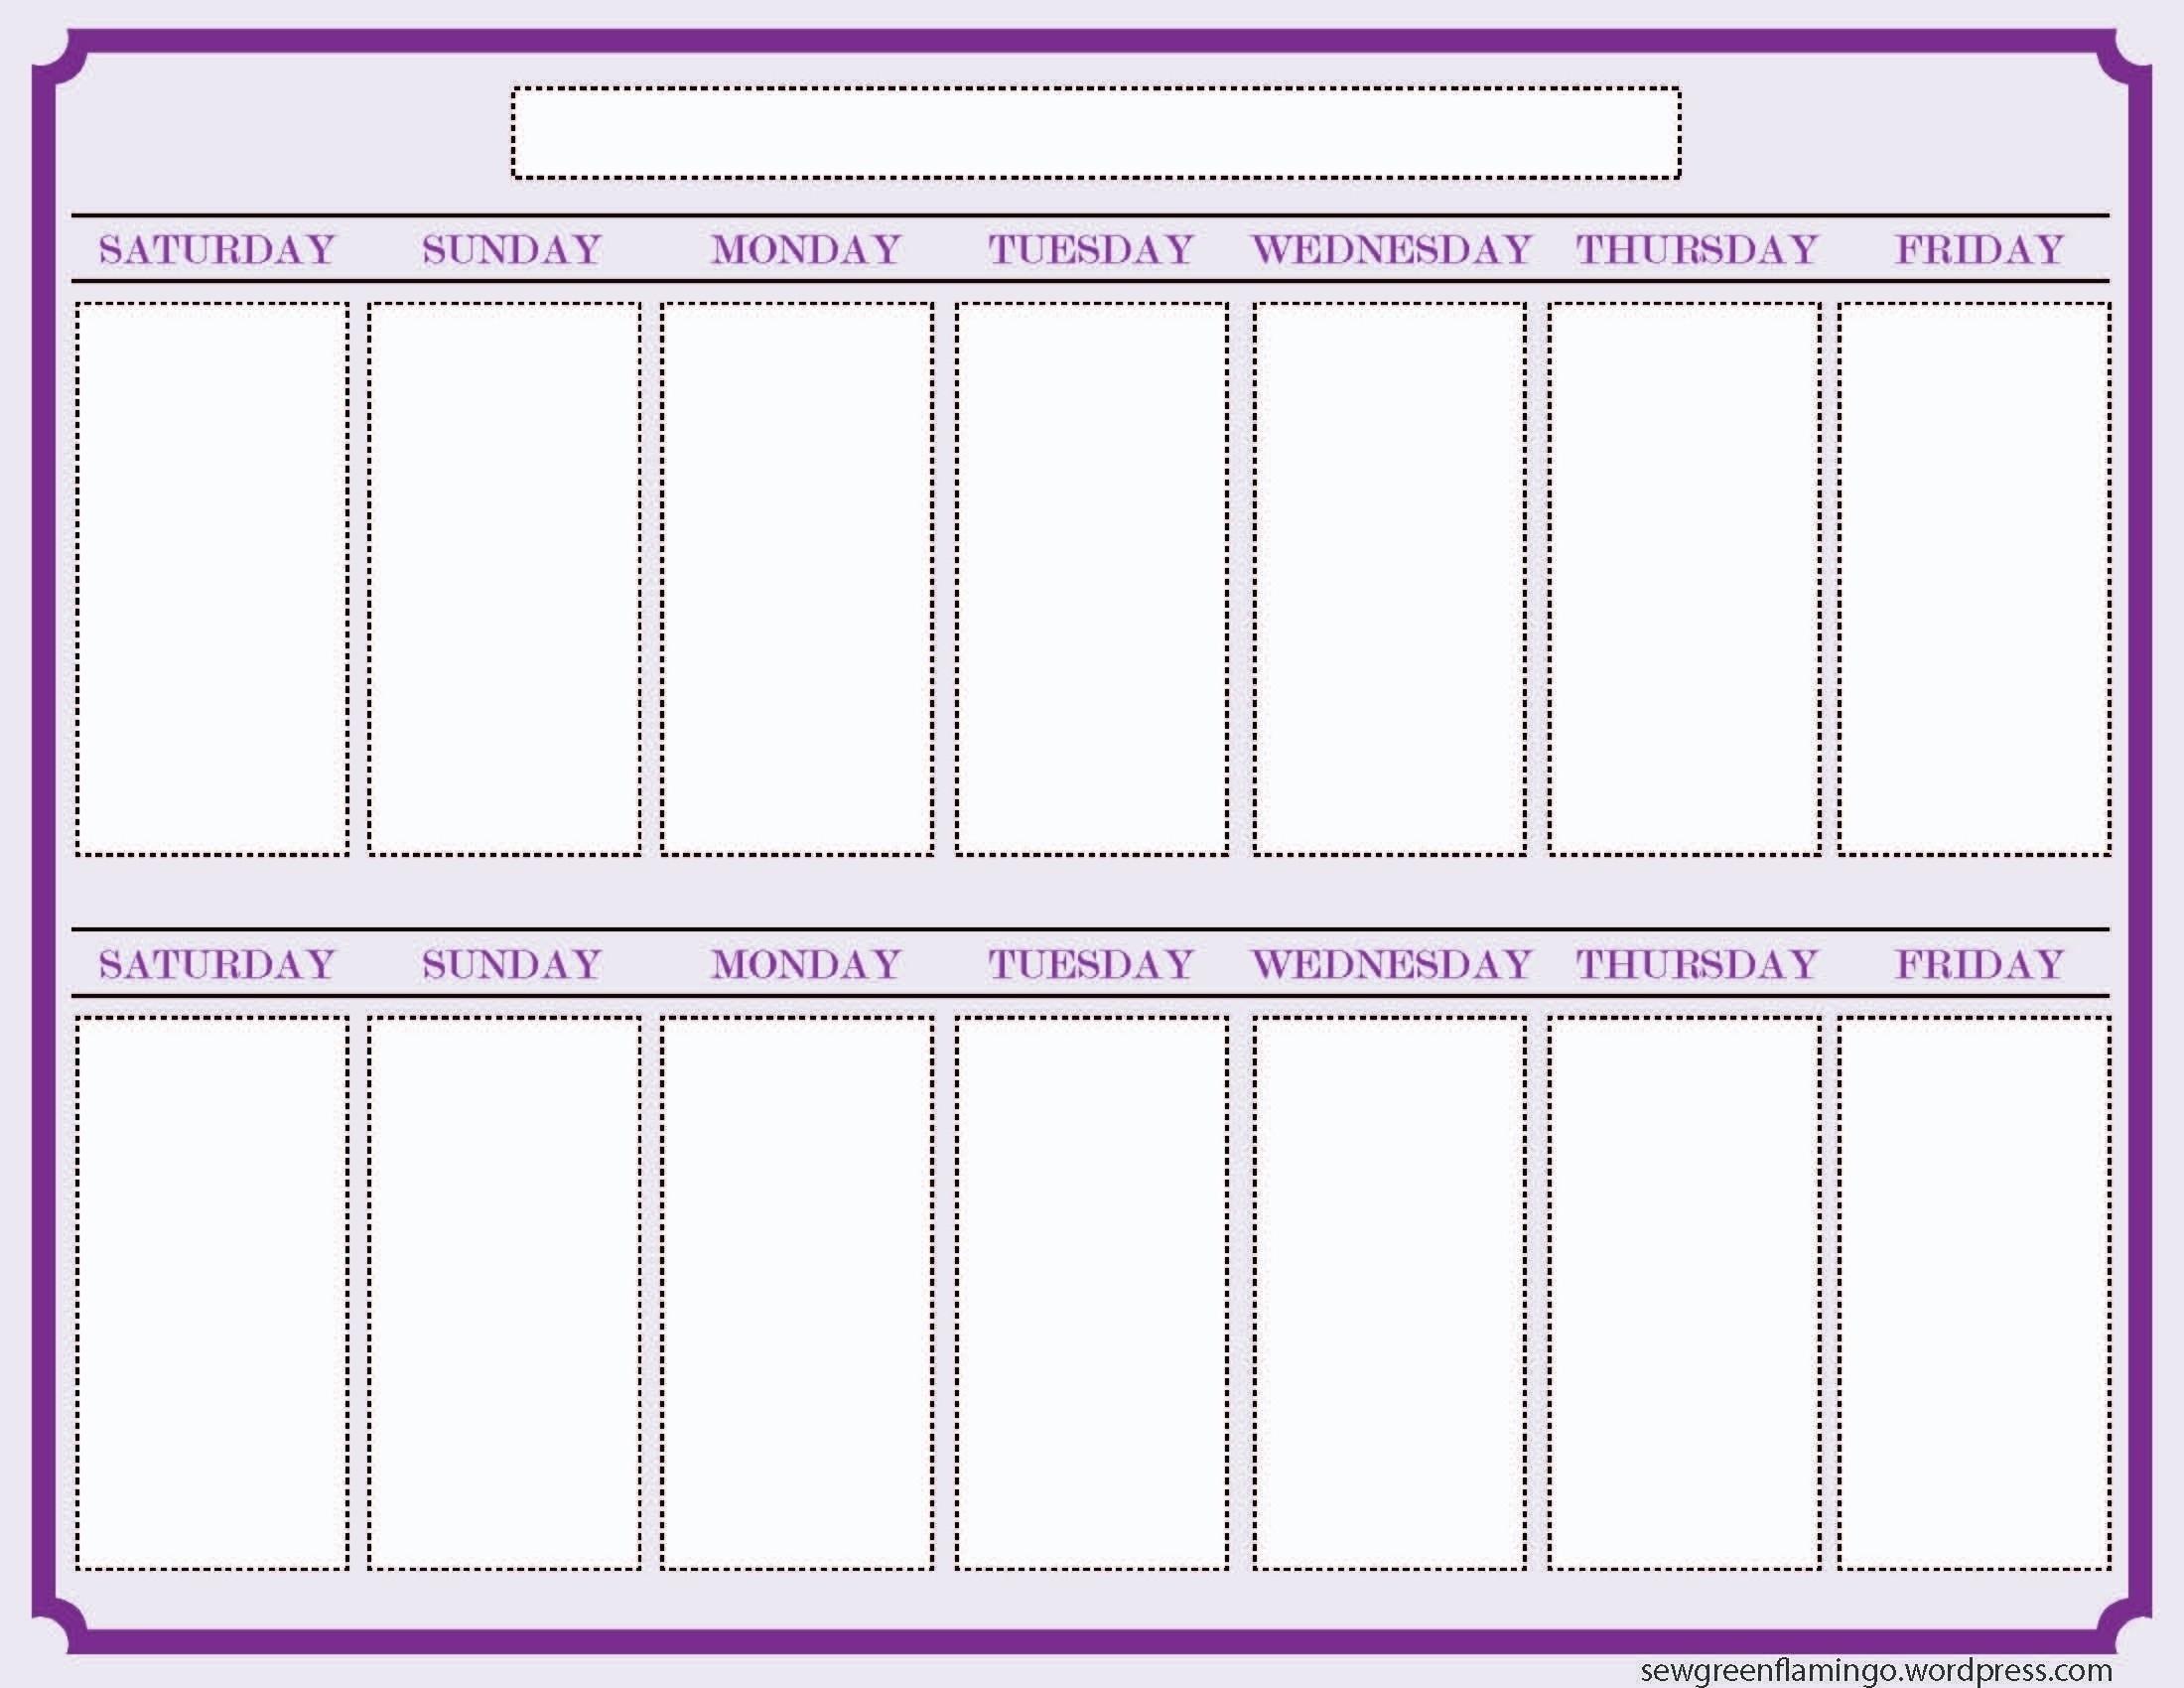 Calendar Template 2 Week Printable 327607 Blank Two Schedule Within in Blank Two Week Calendar Template